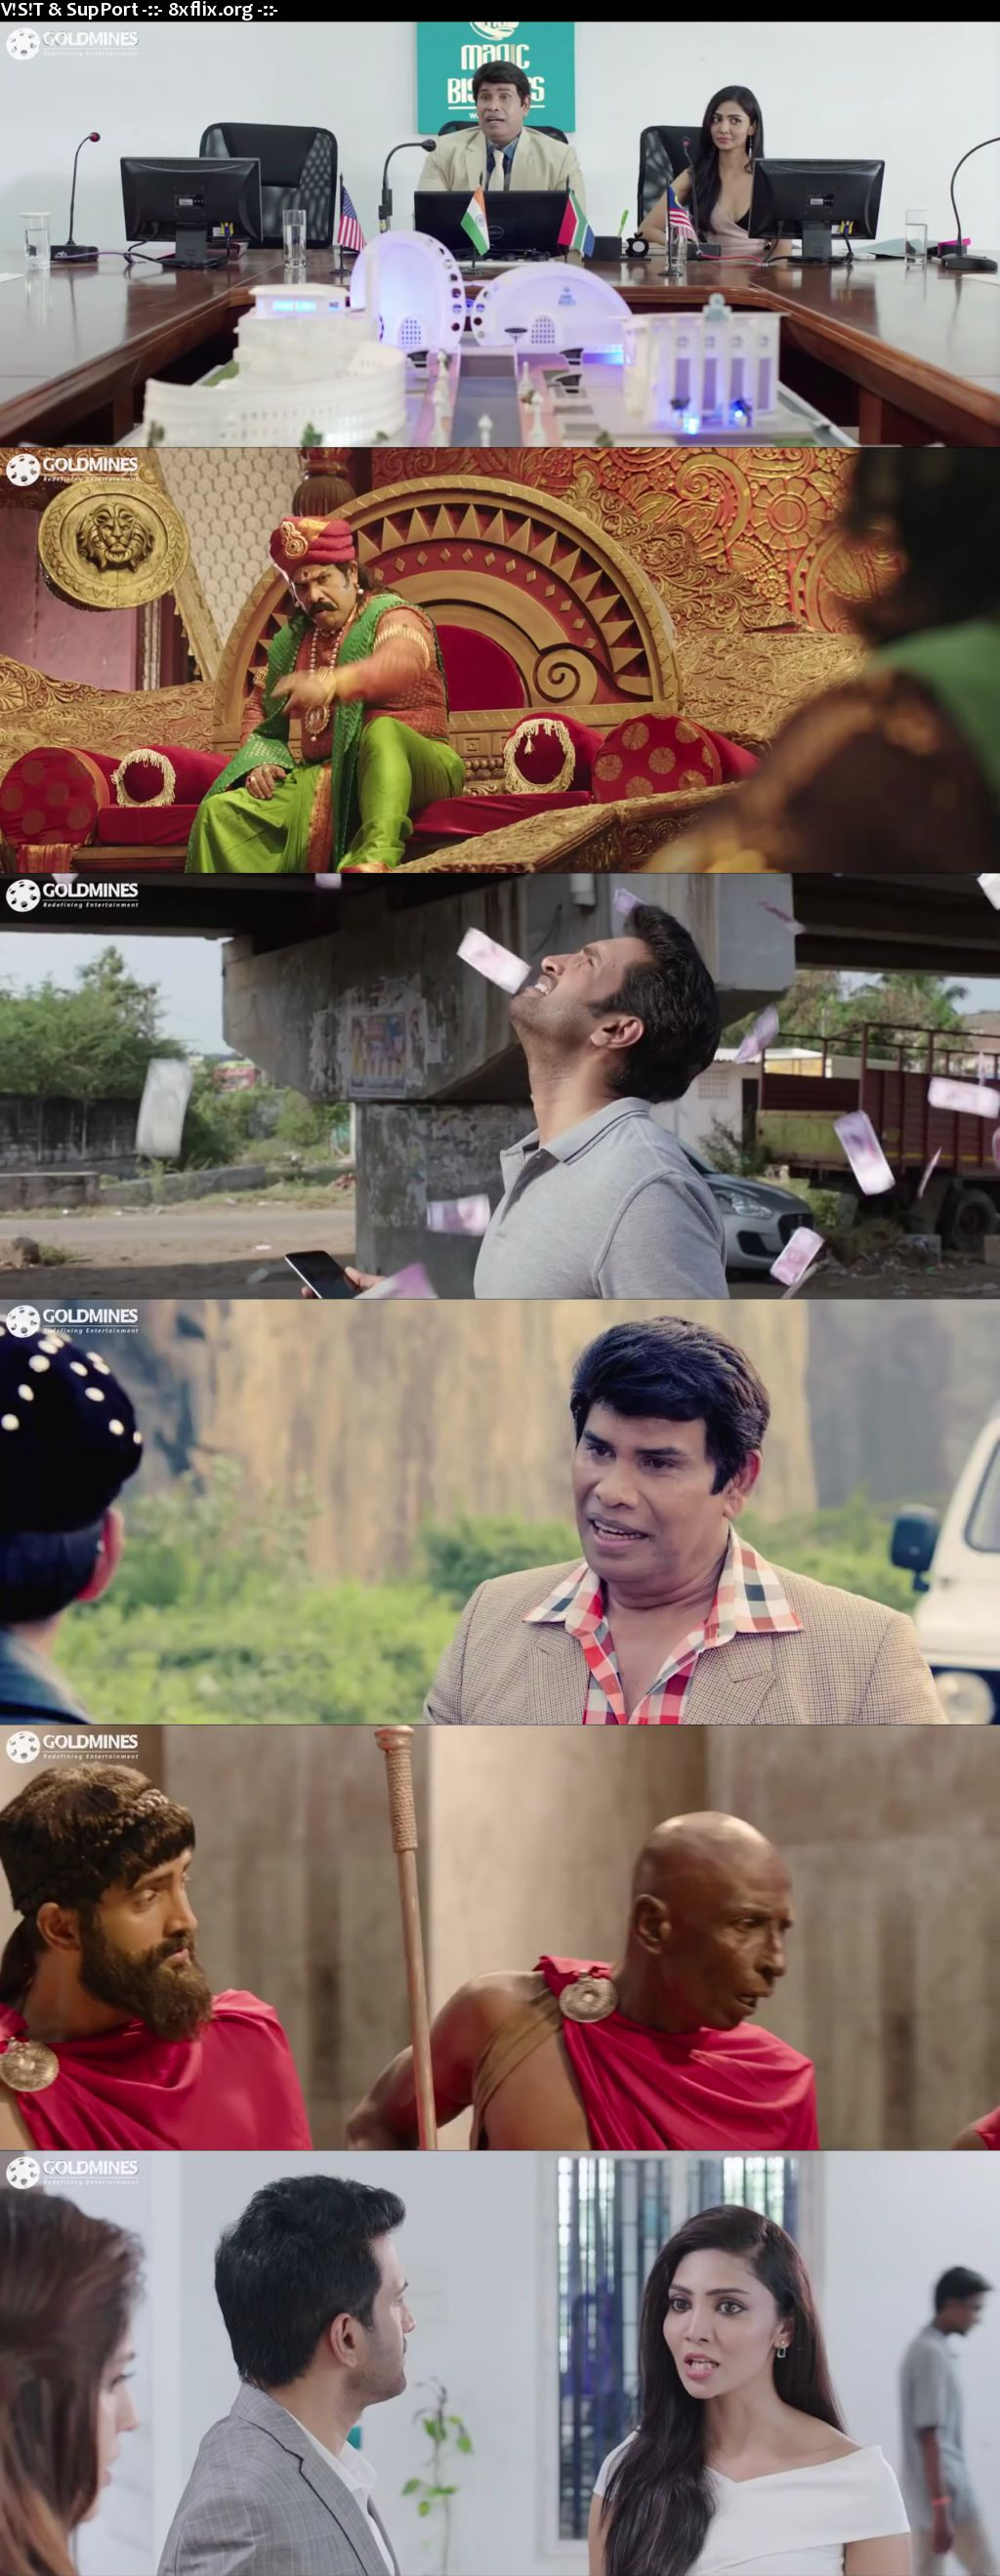 Biskut 2021 Full Movie Hindi Dubbed 720p 480p HDRip